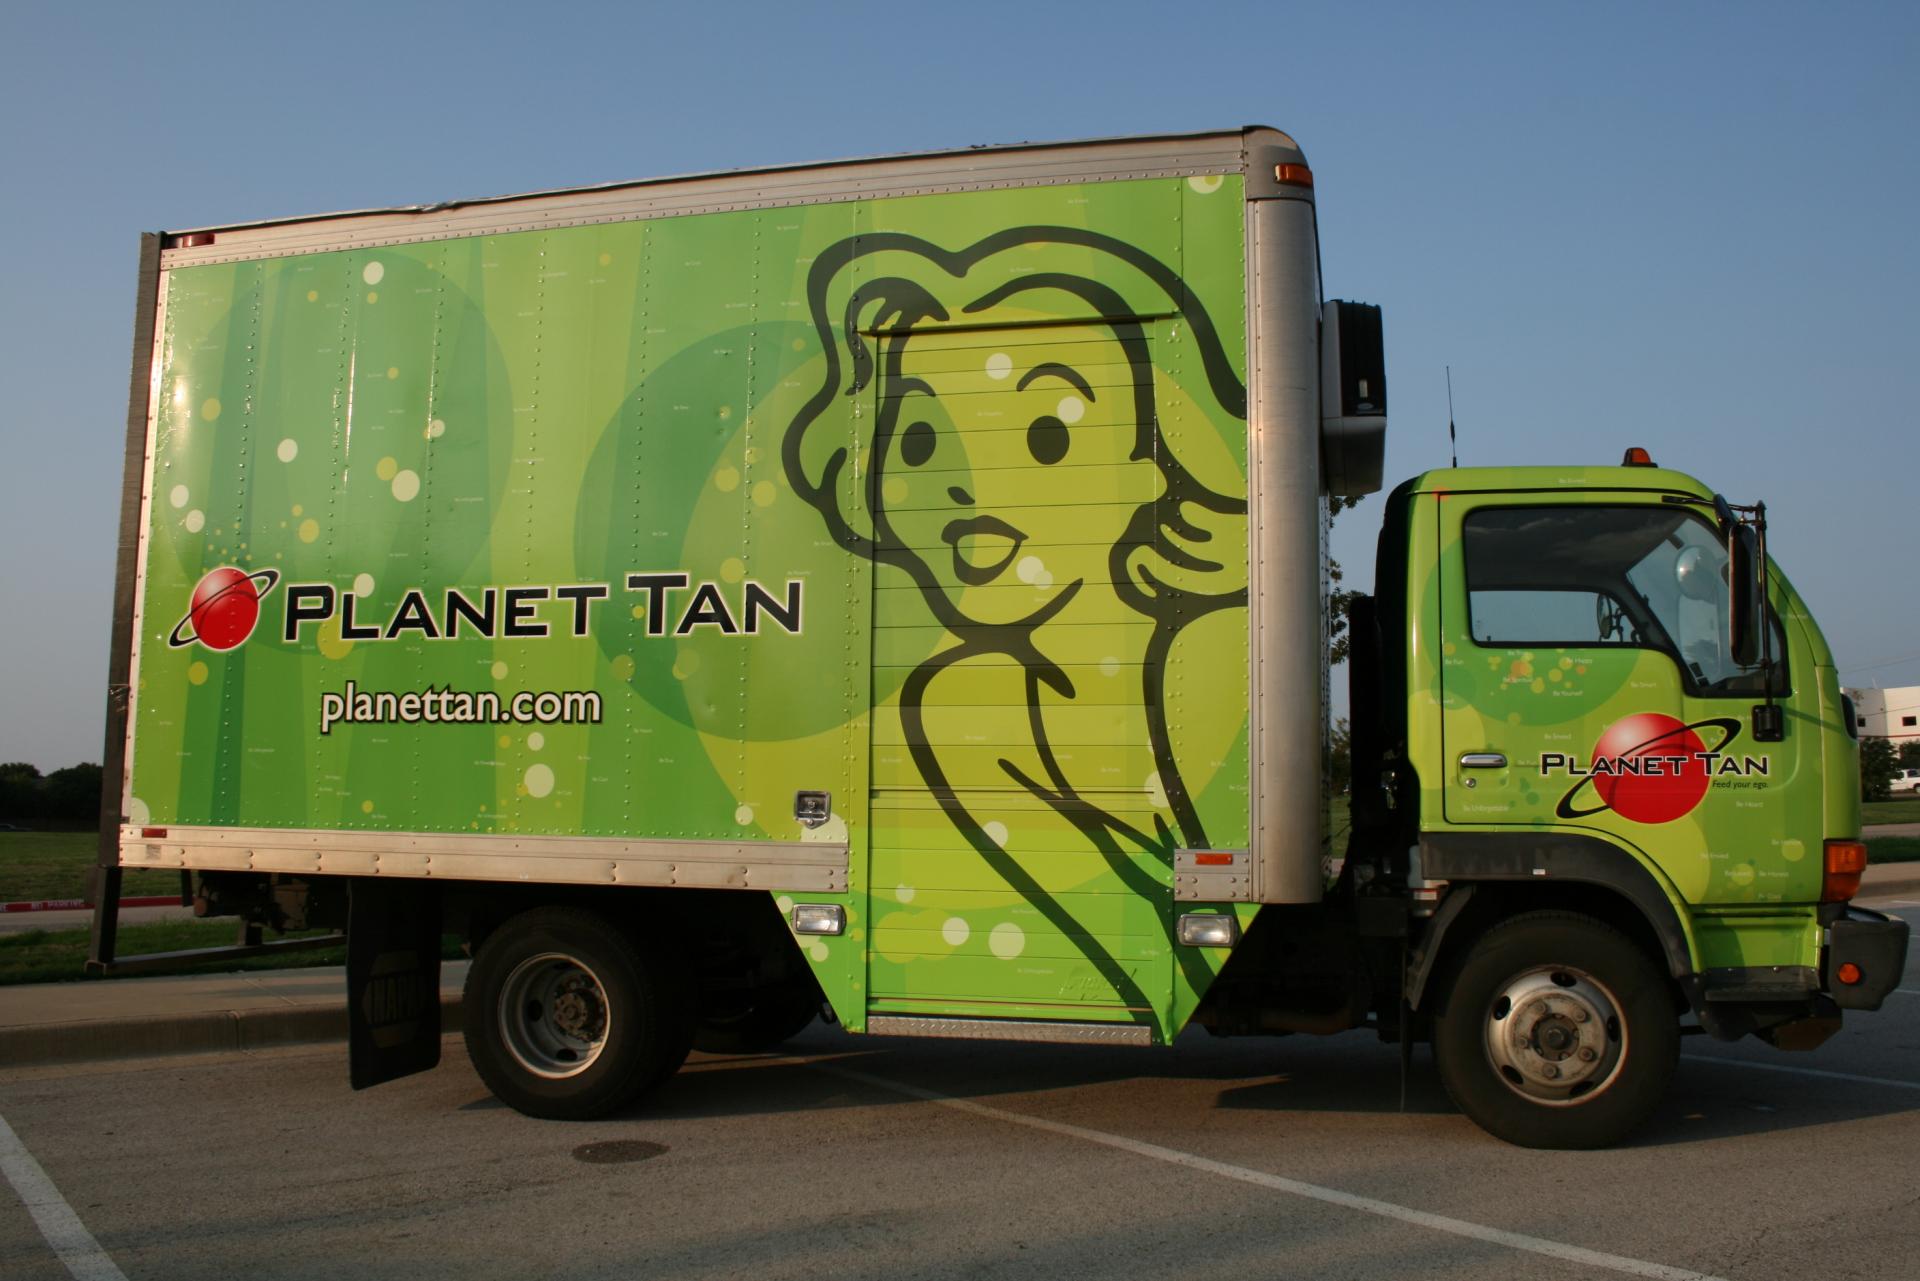 Planet Tan